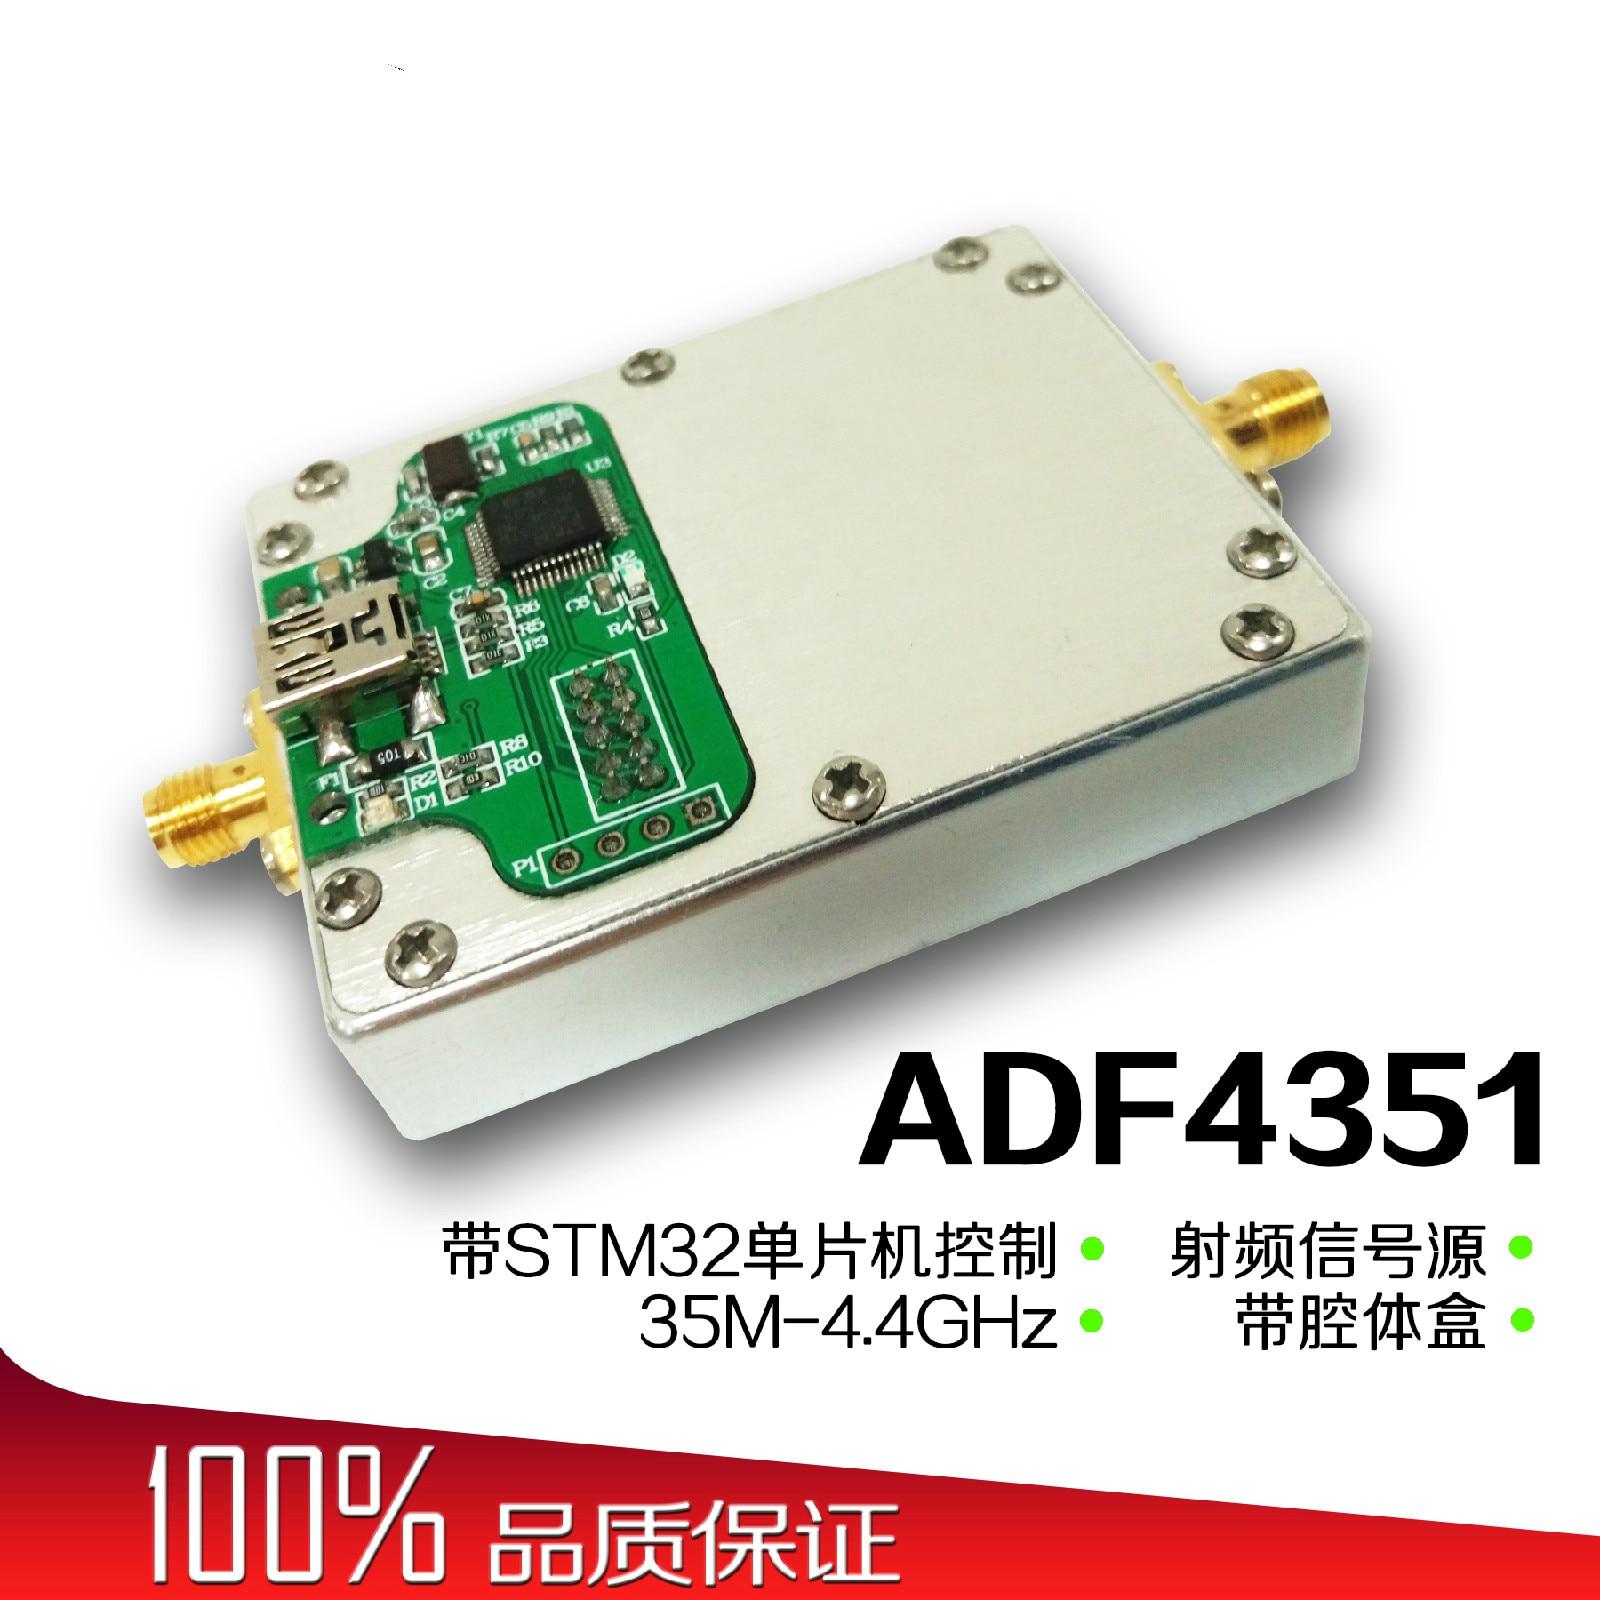 Adf4351 Pll Signal Quelle Frequenz Synthesizer Ist Gesteuert Durch Single-chip Mikrocomputer Mit Hohlraum Rf Pll.